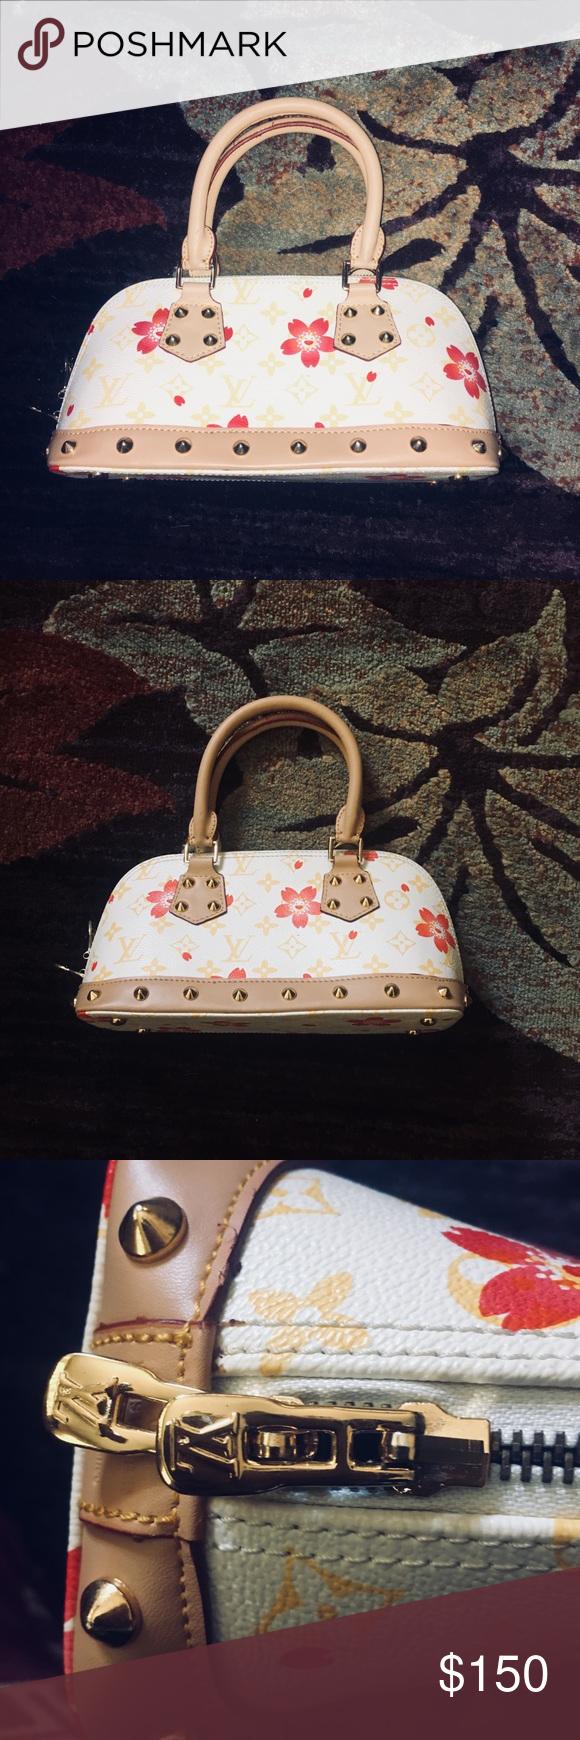 e4cffcb5ead6 Louis Vuitton SPECIAL EDITION handbag! Special edition Louis Vuitton ...